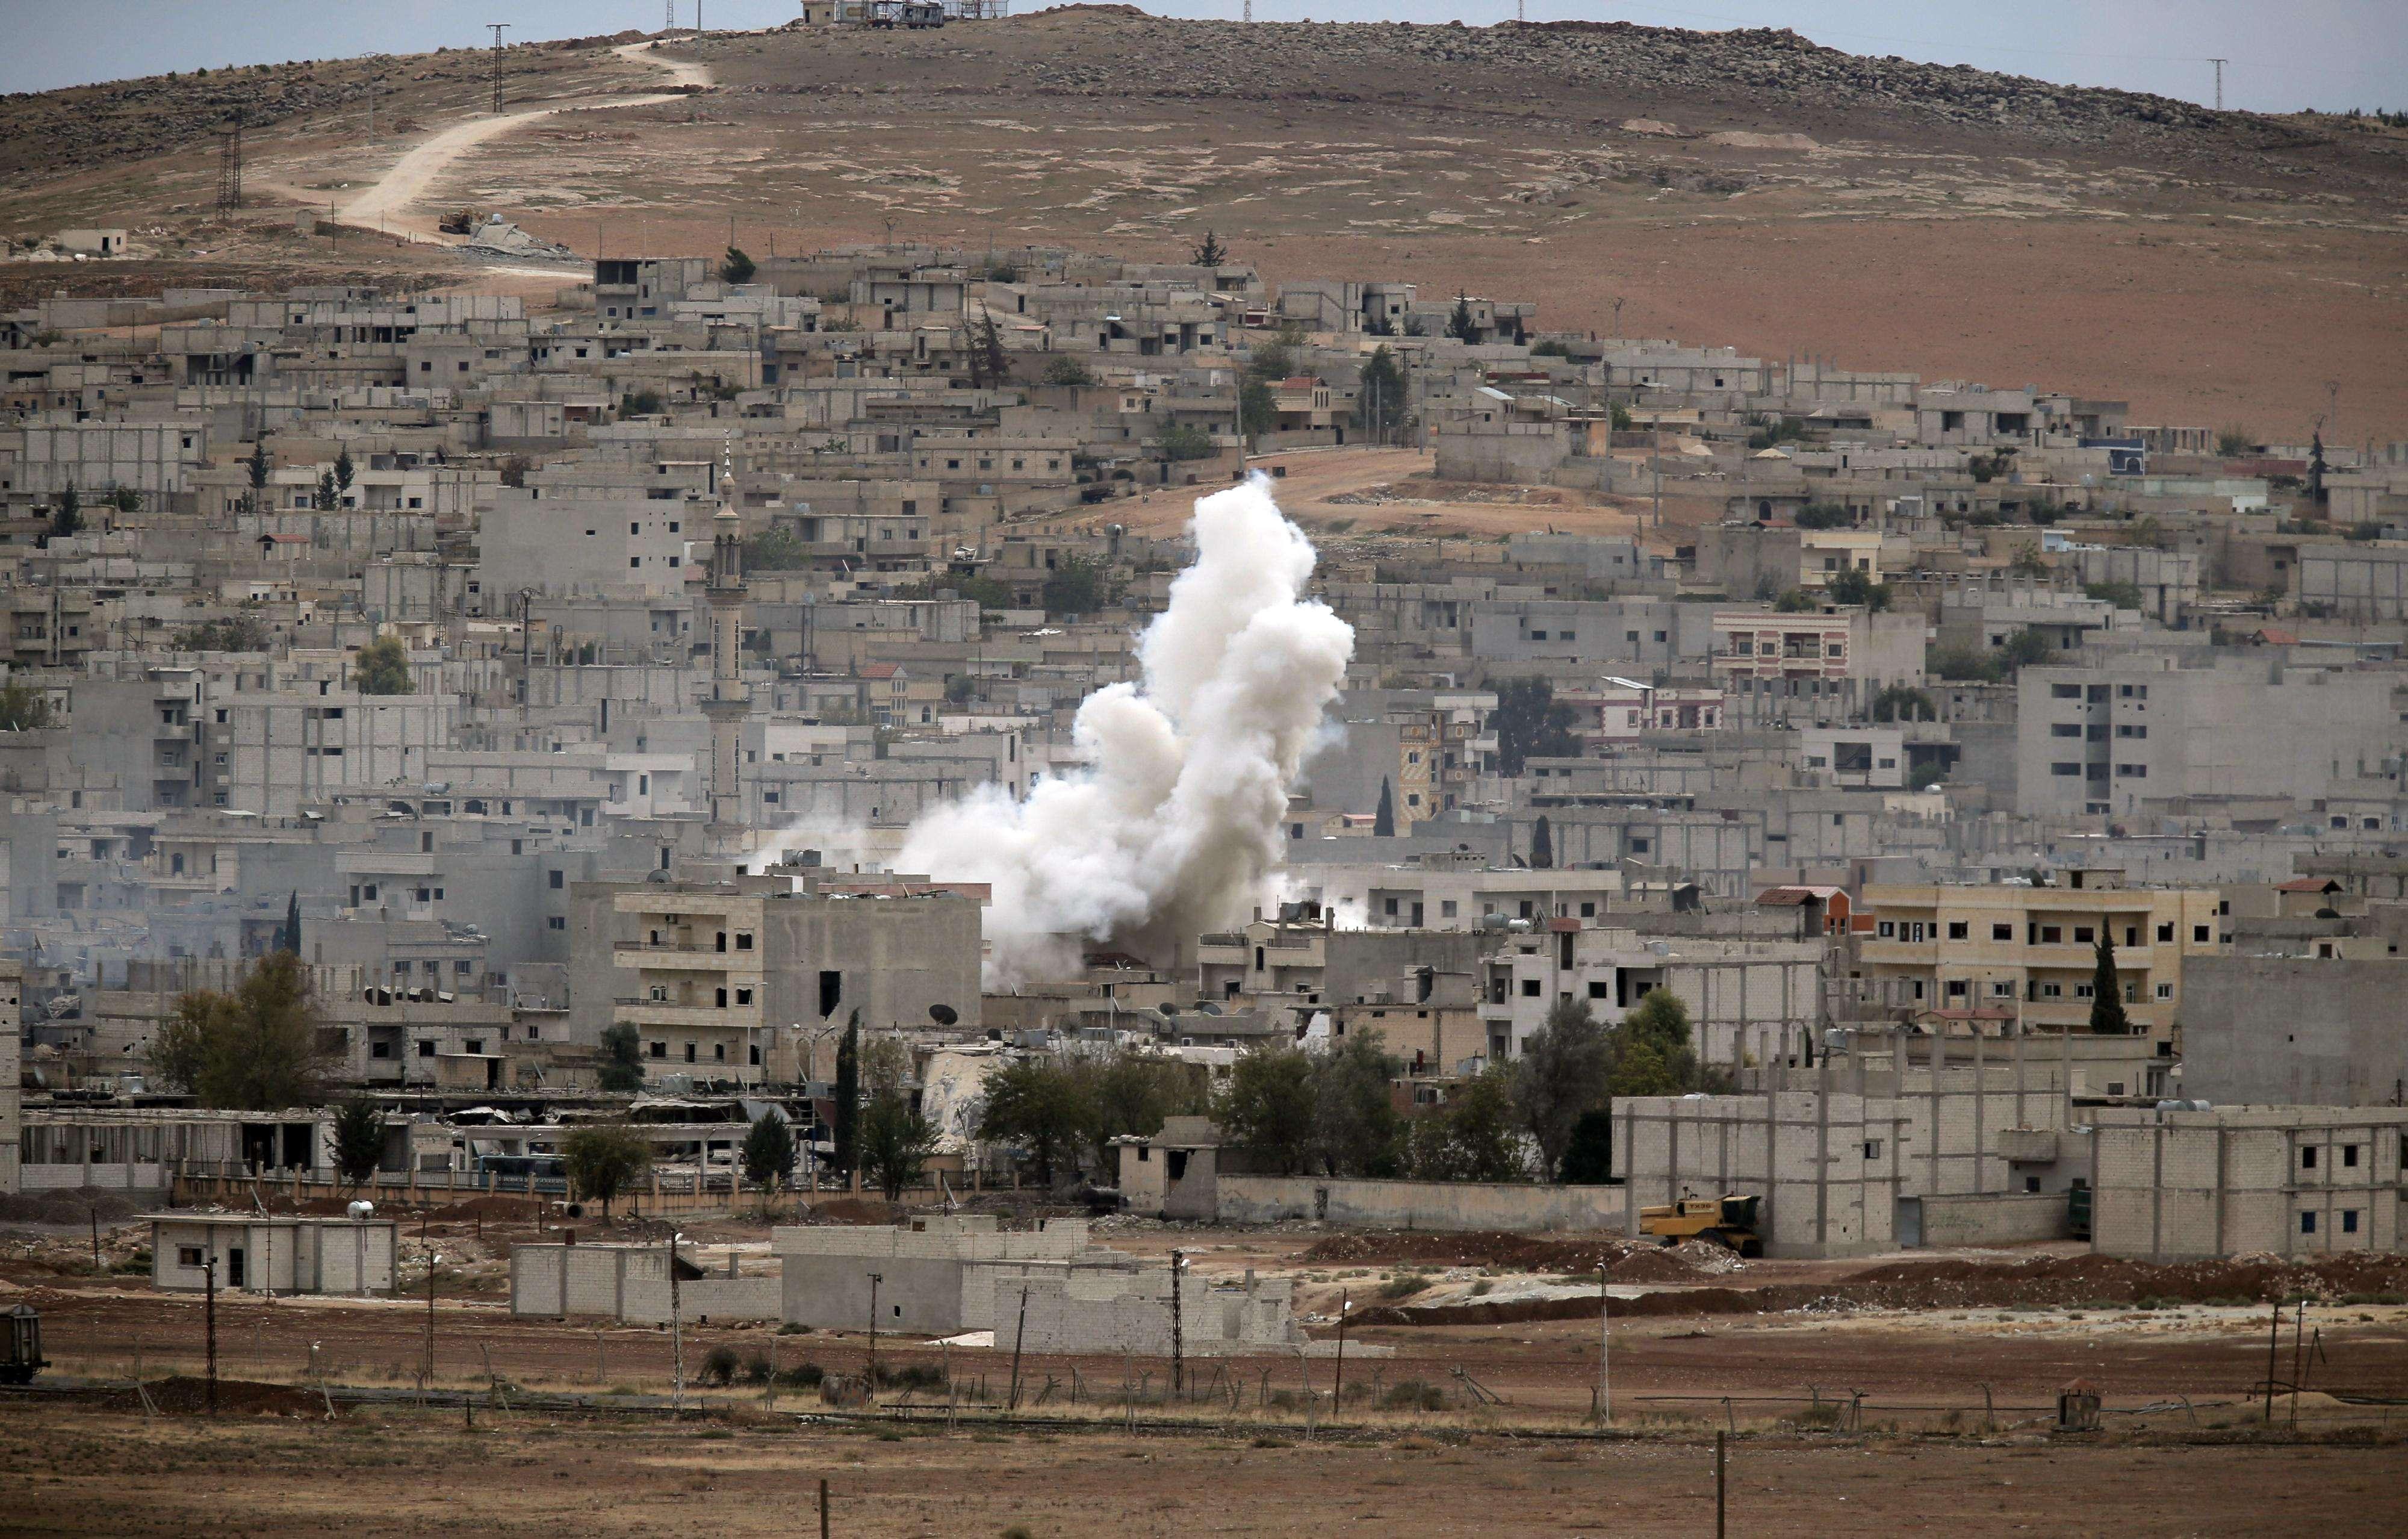 Humo se eleva después de un ataque en Kobani, Siria, durante la lucha entre curdos sirios y extremistas del grupo Estado Islámico, el domingo 19 de octubre de 2014. Foto: AP en español